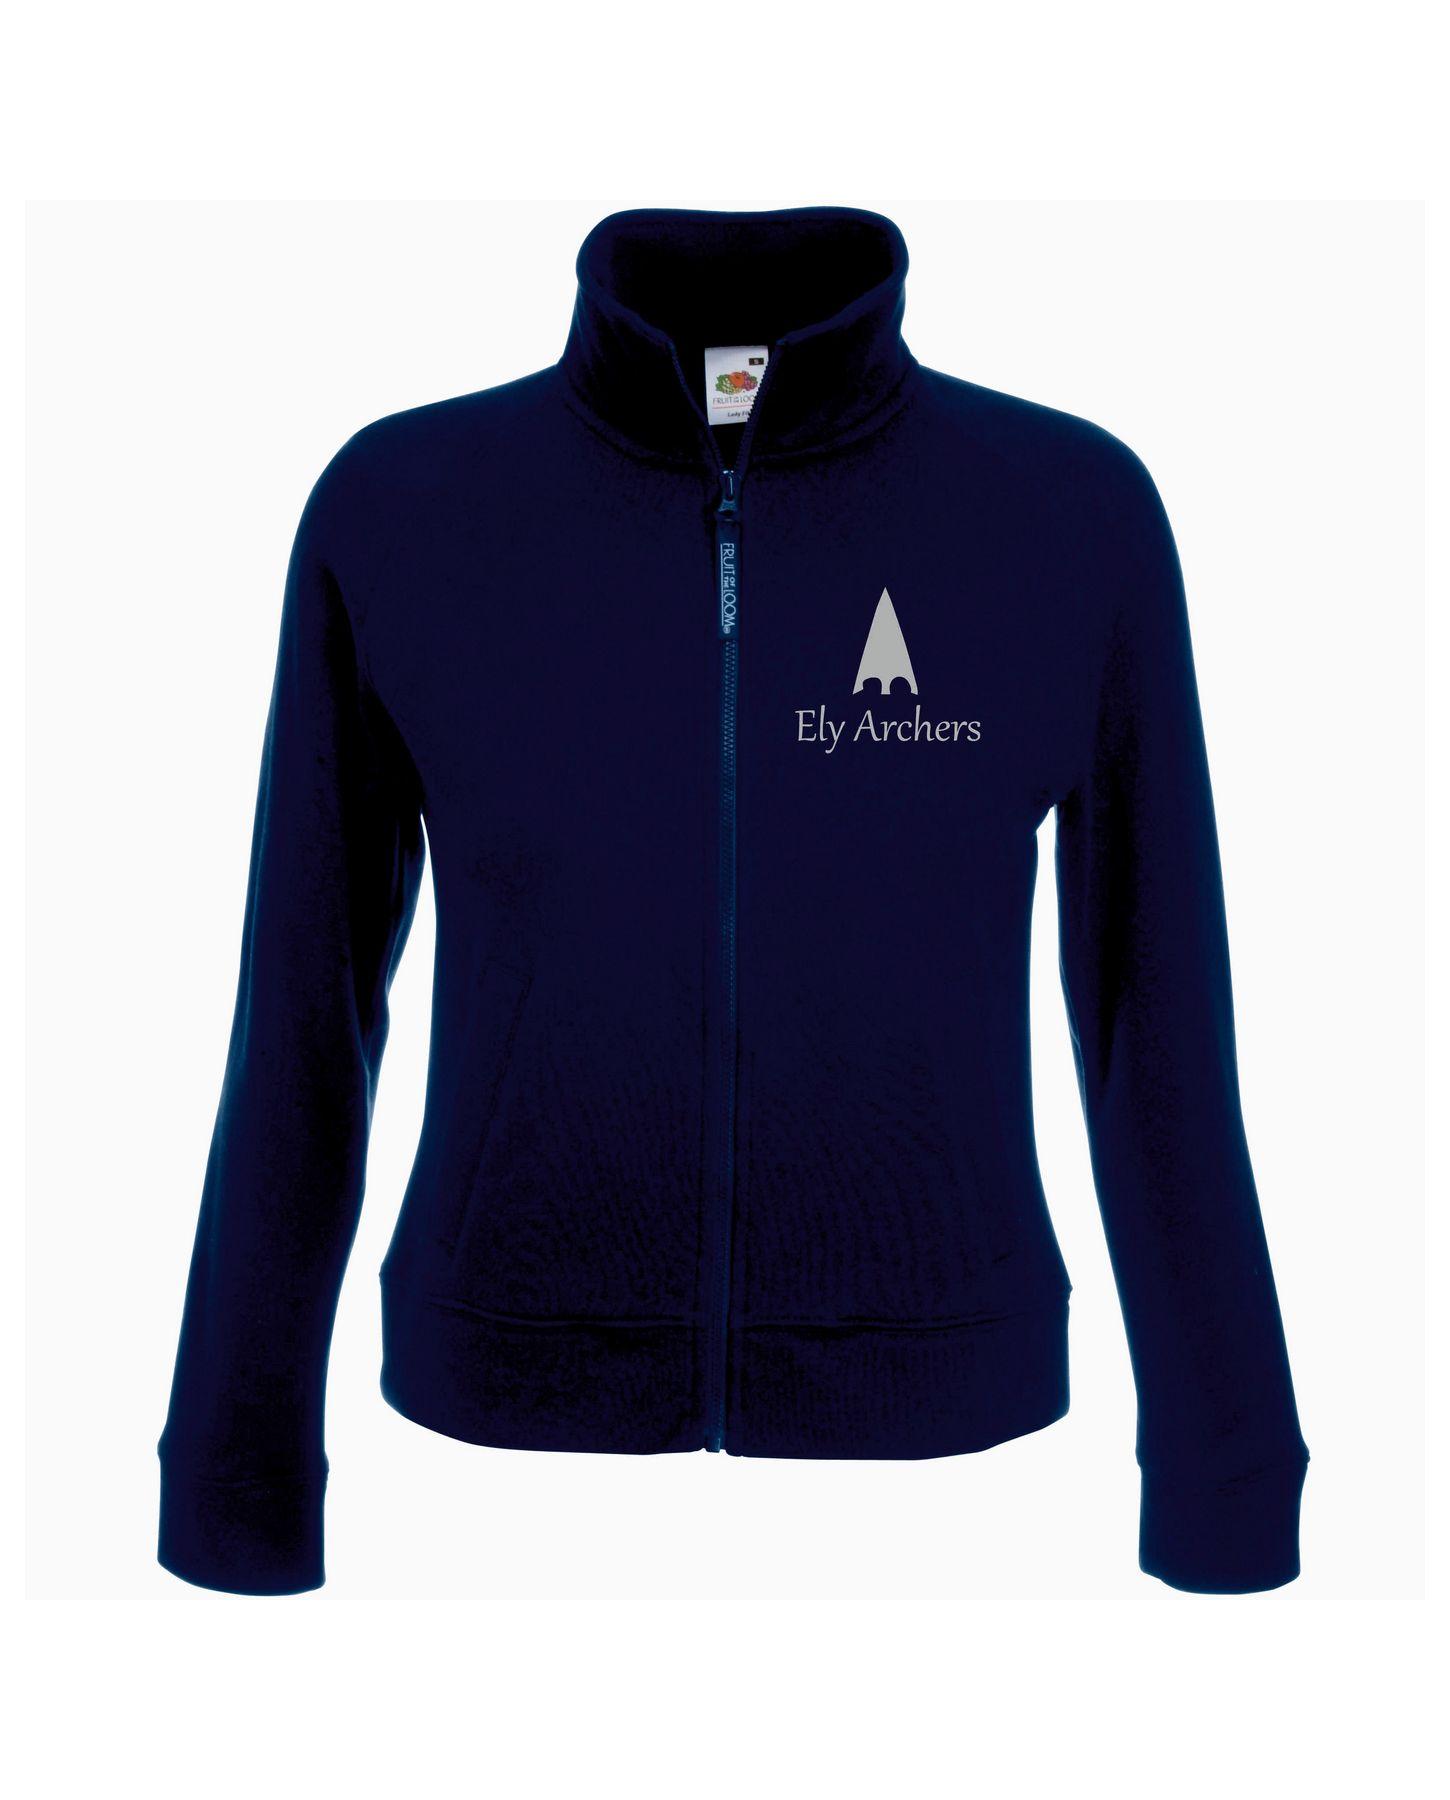 Ely Archers Women's Sweat Jacket